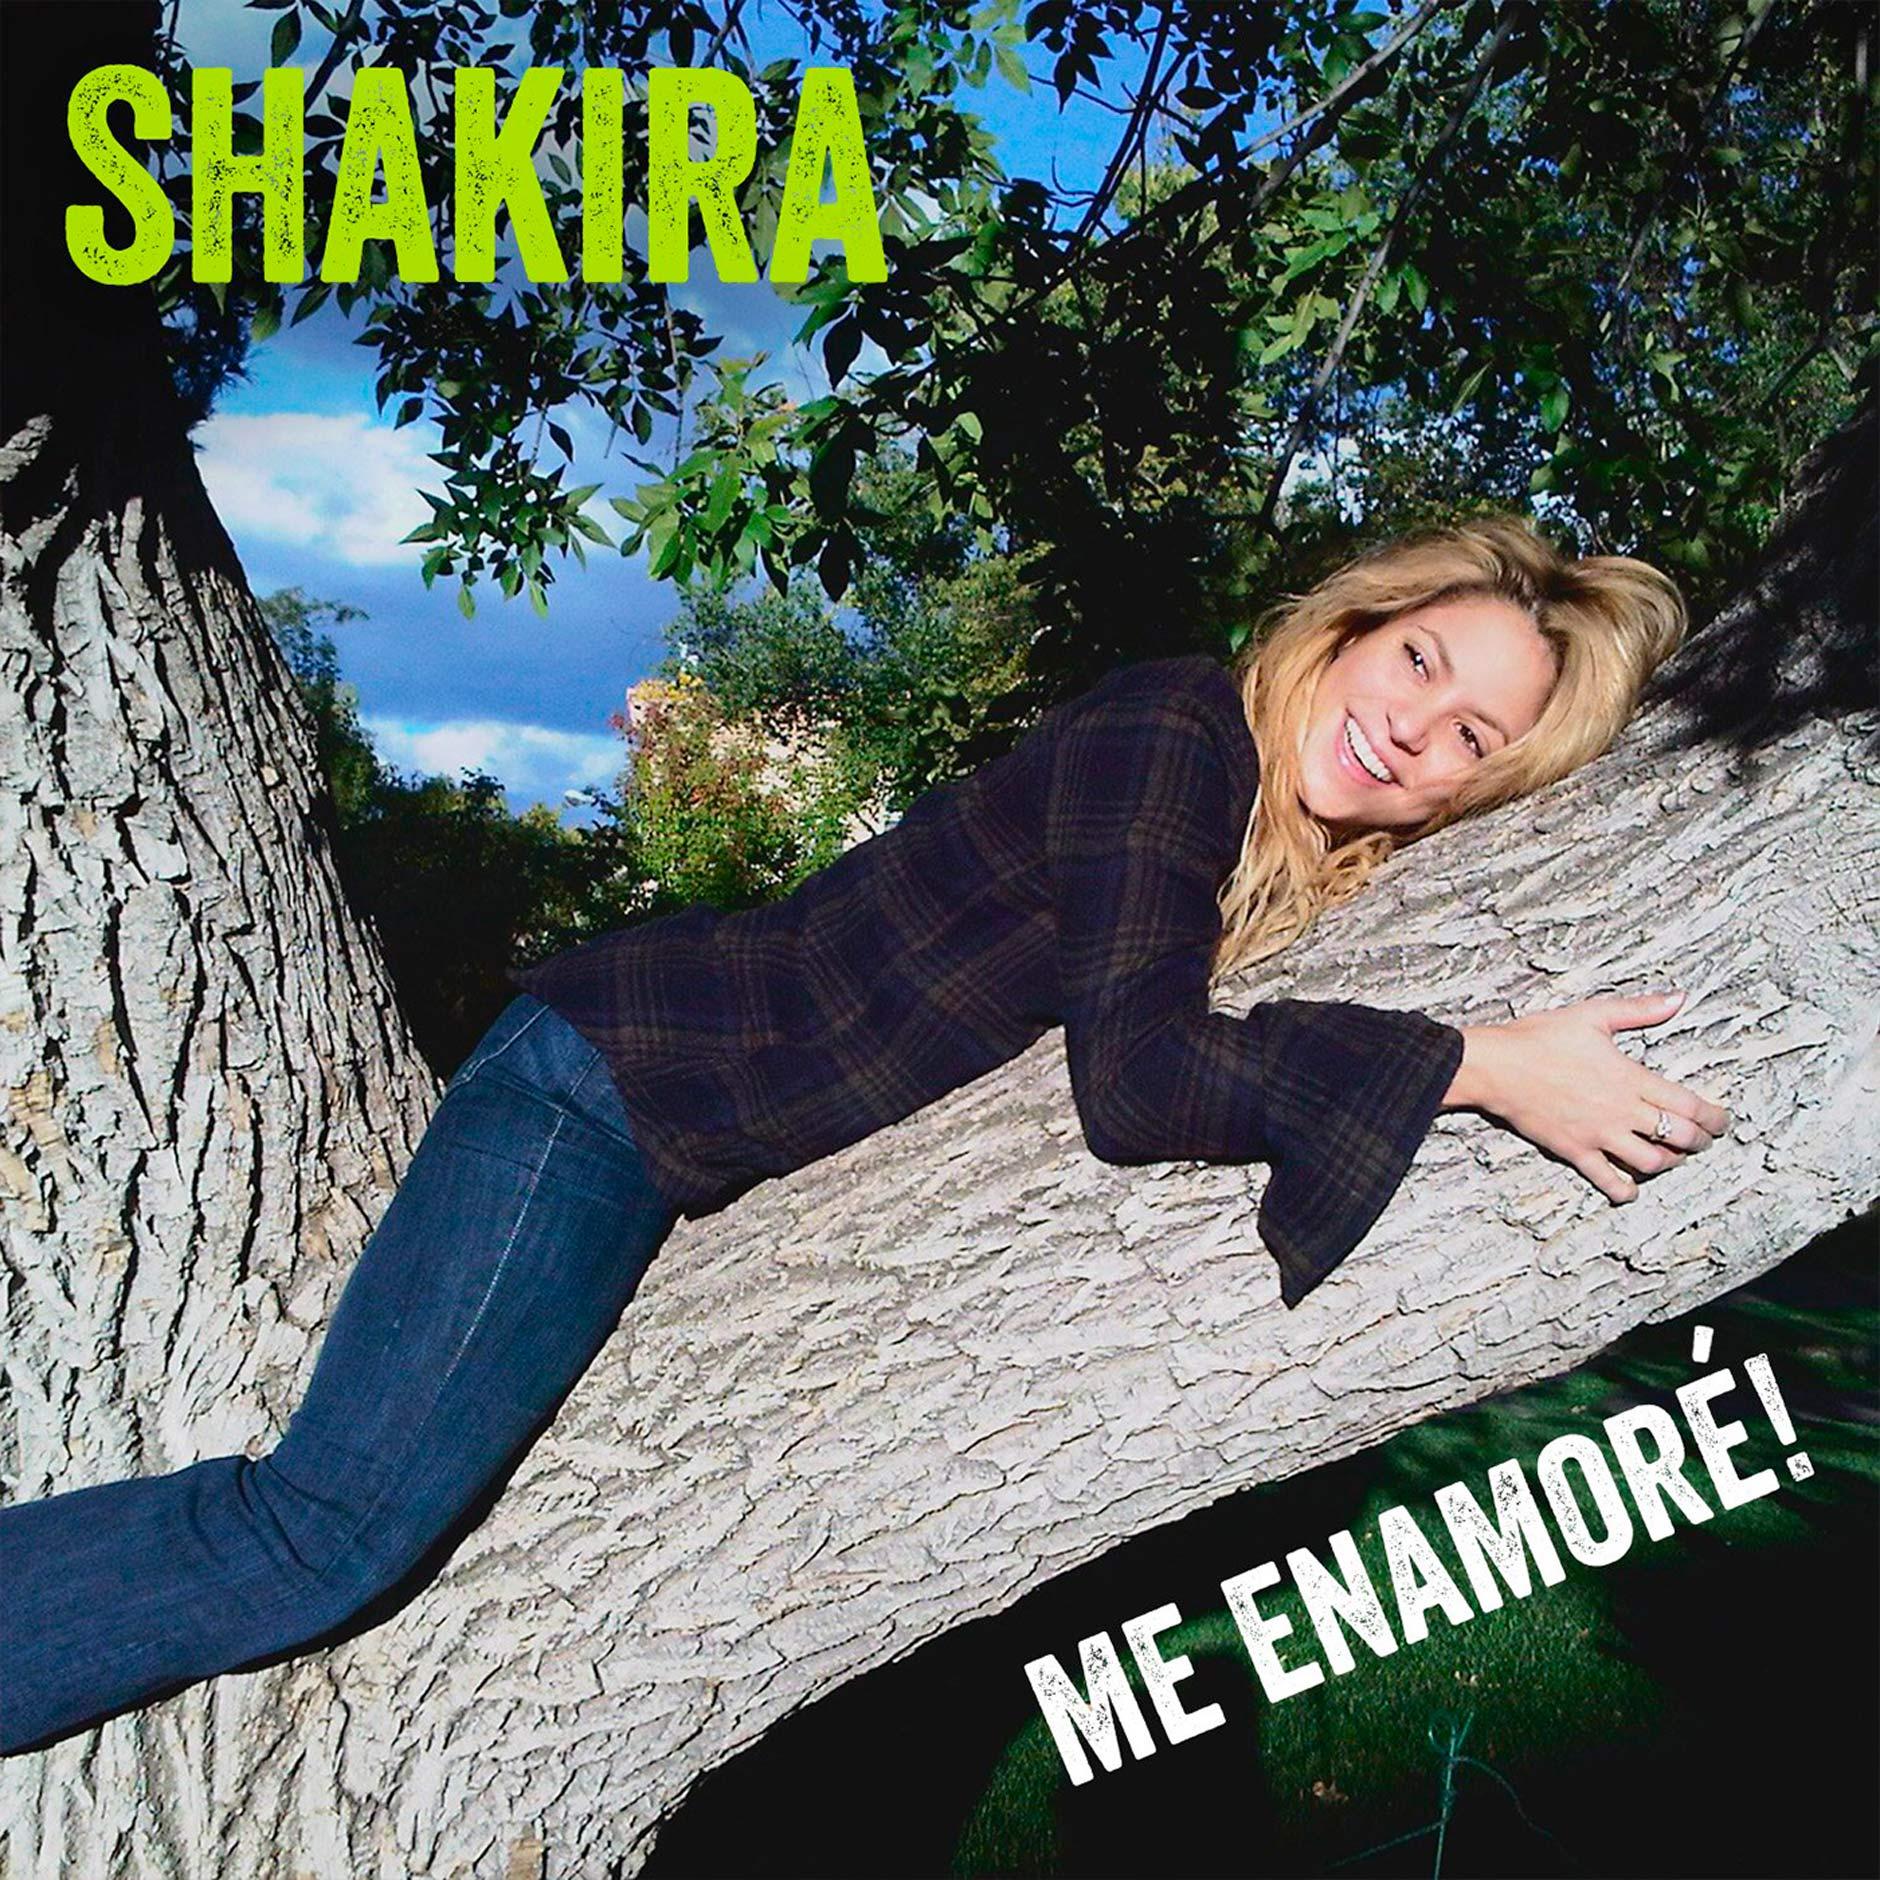 shakira_discosfeos